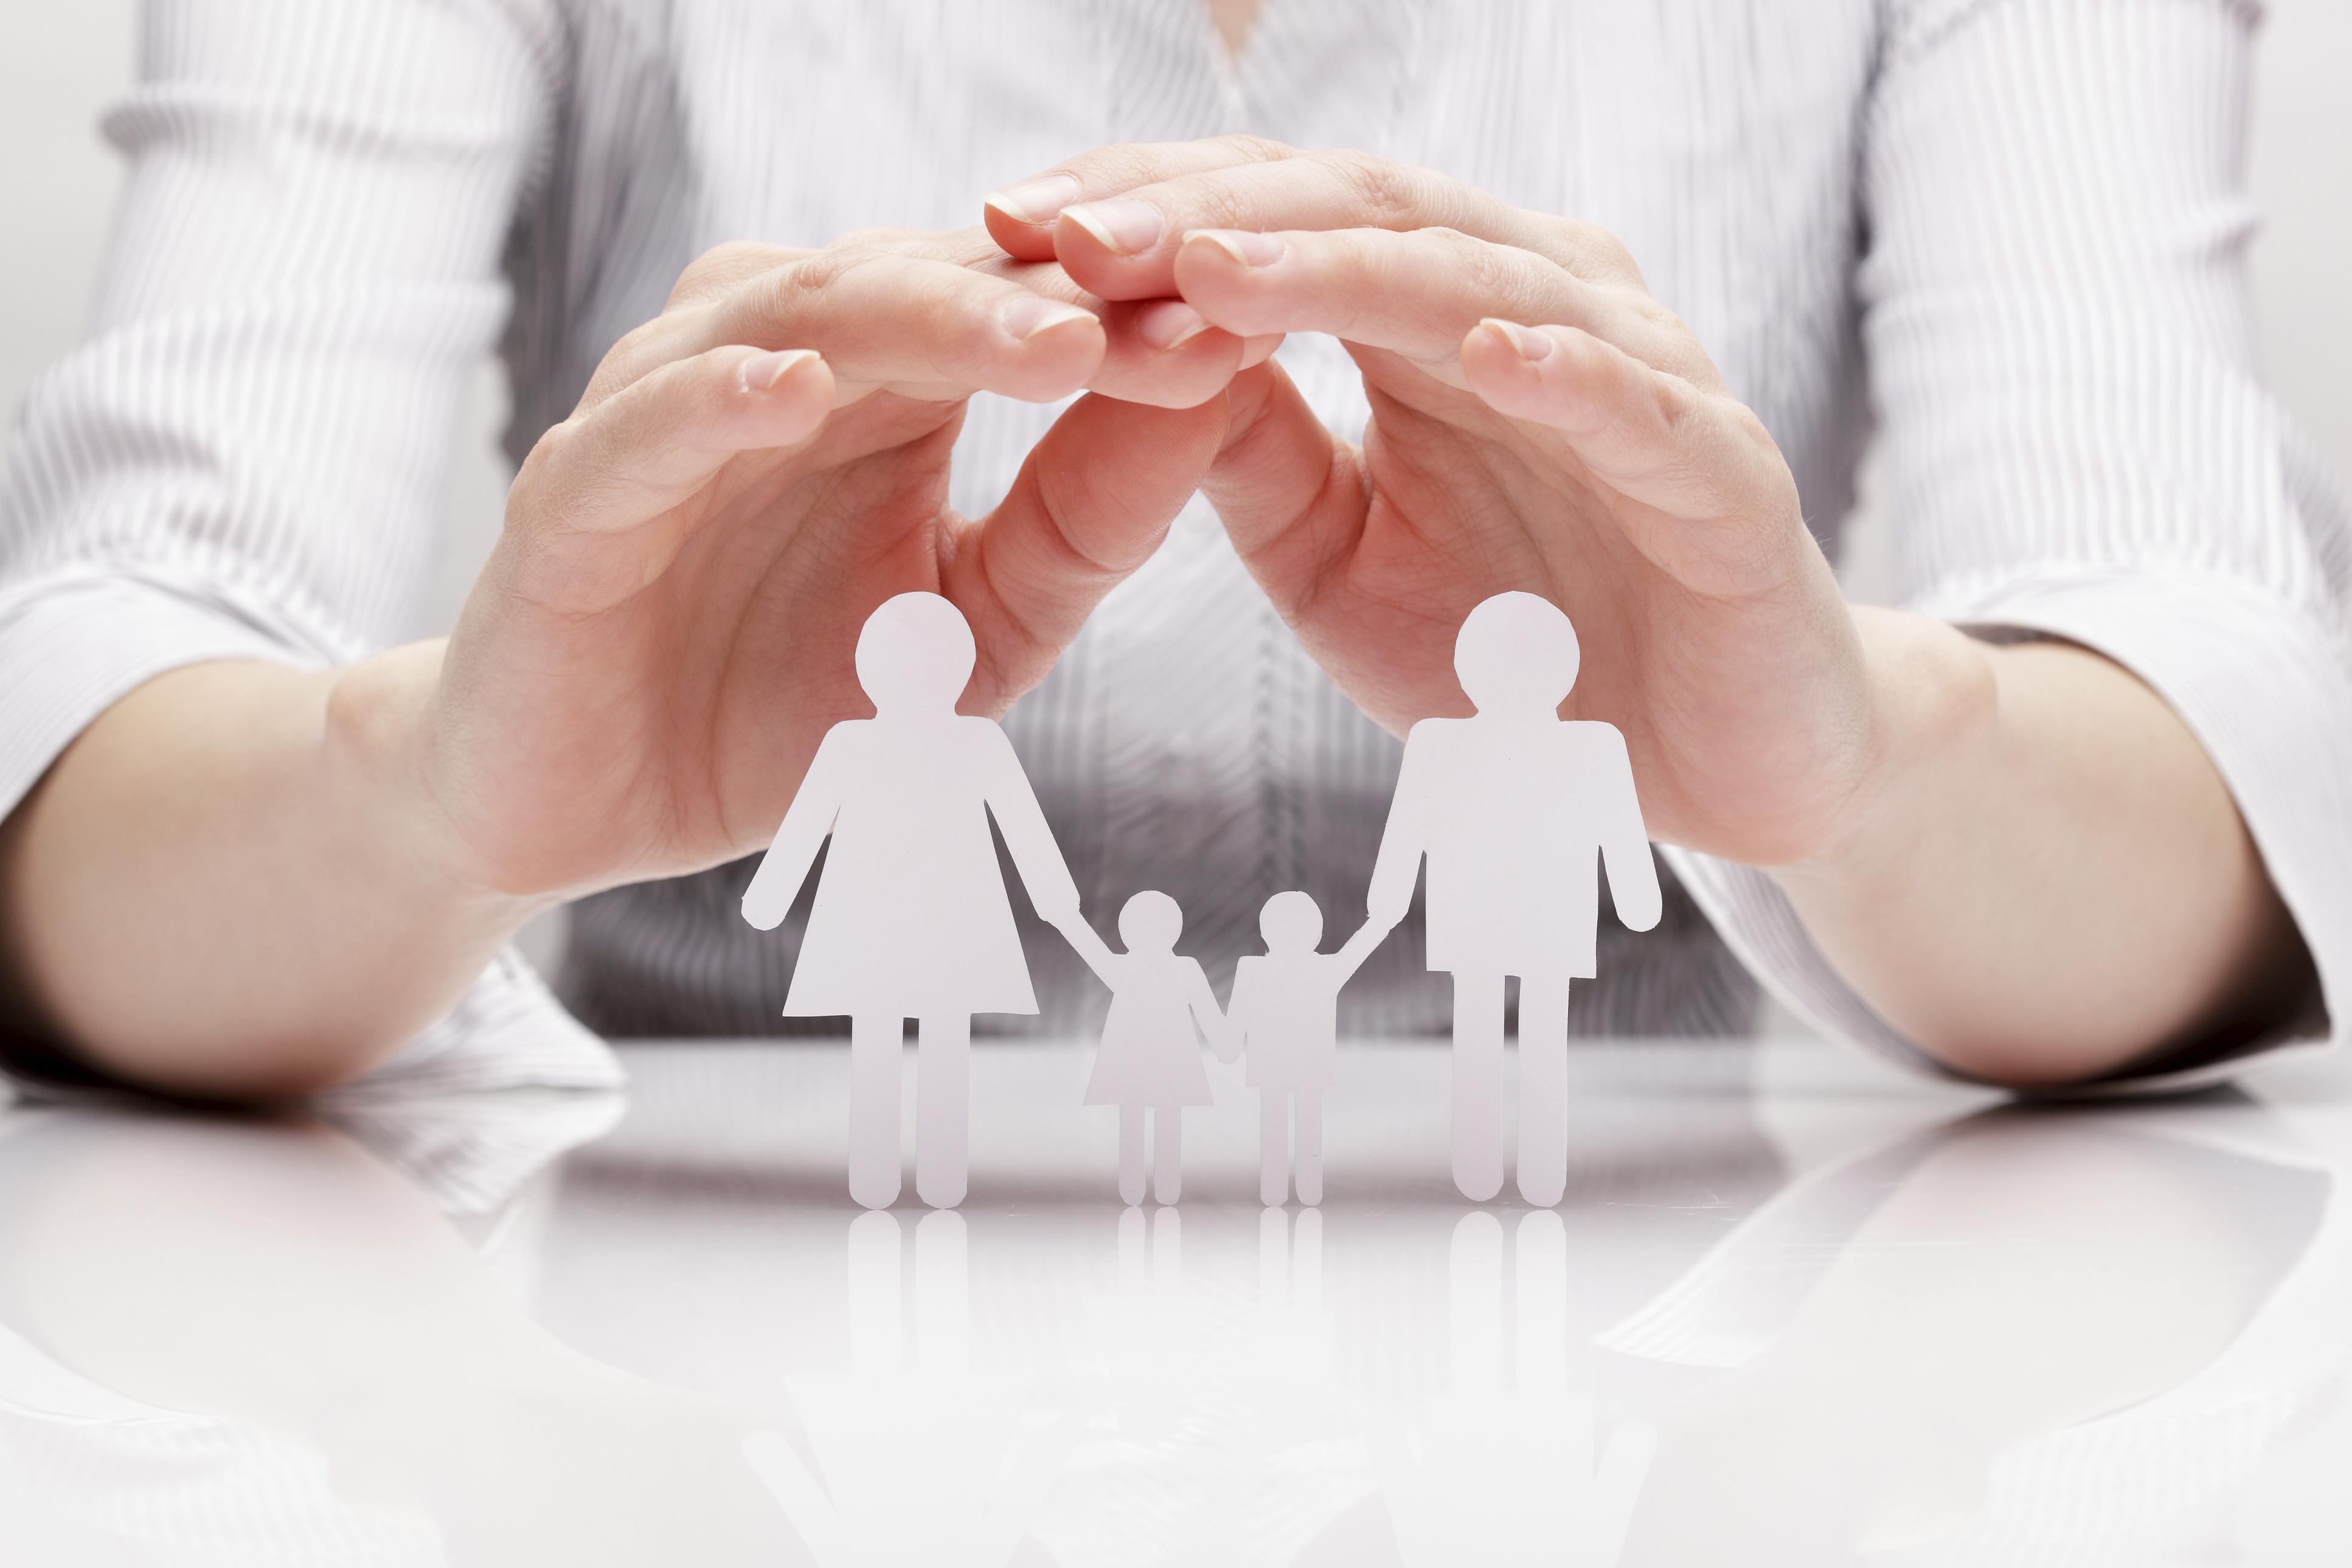 обязательное ли страхование жизни при ипотеке